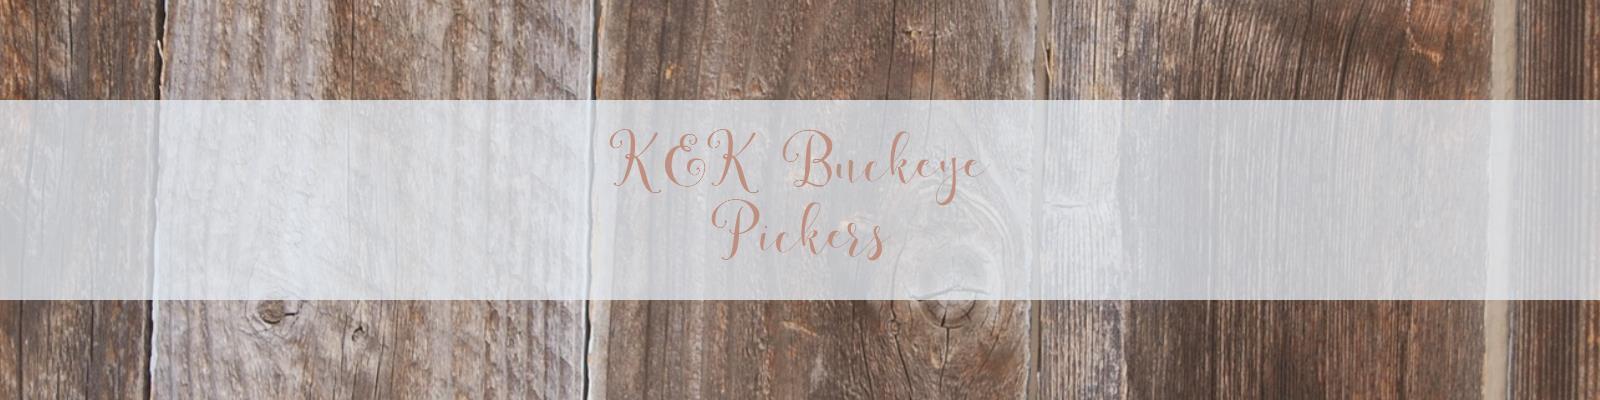 K&K Buckeye Pickers